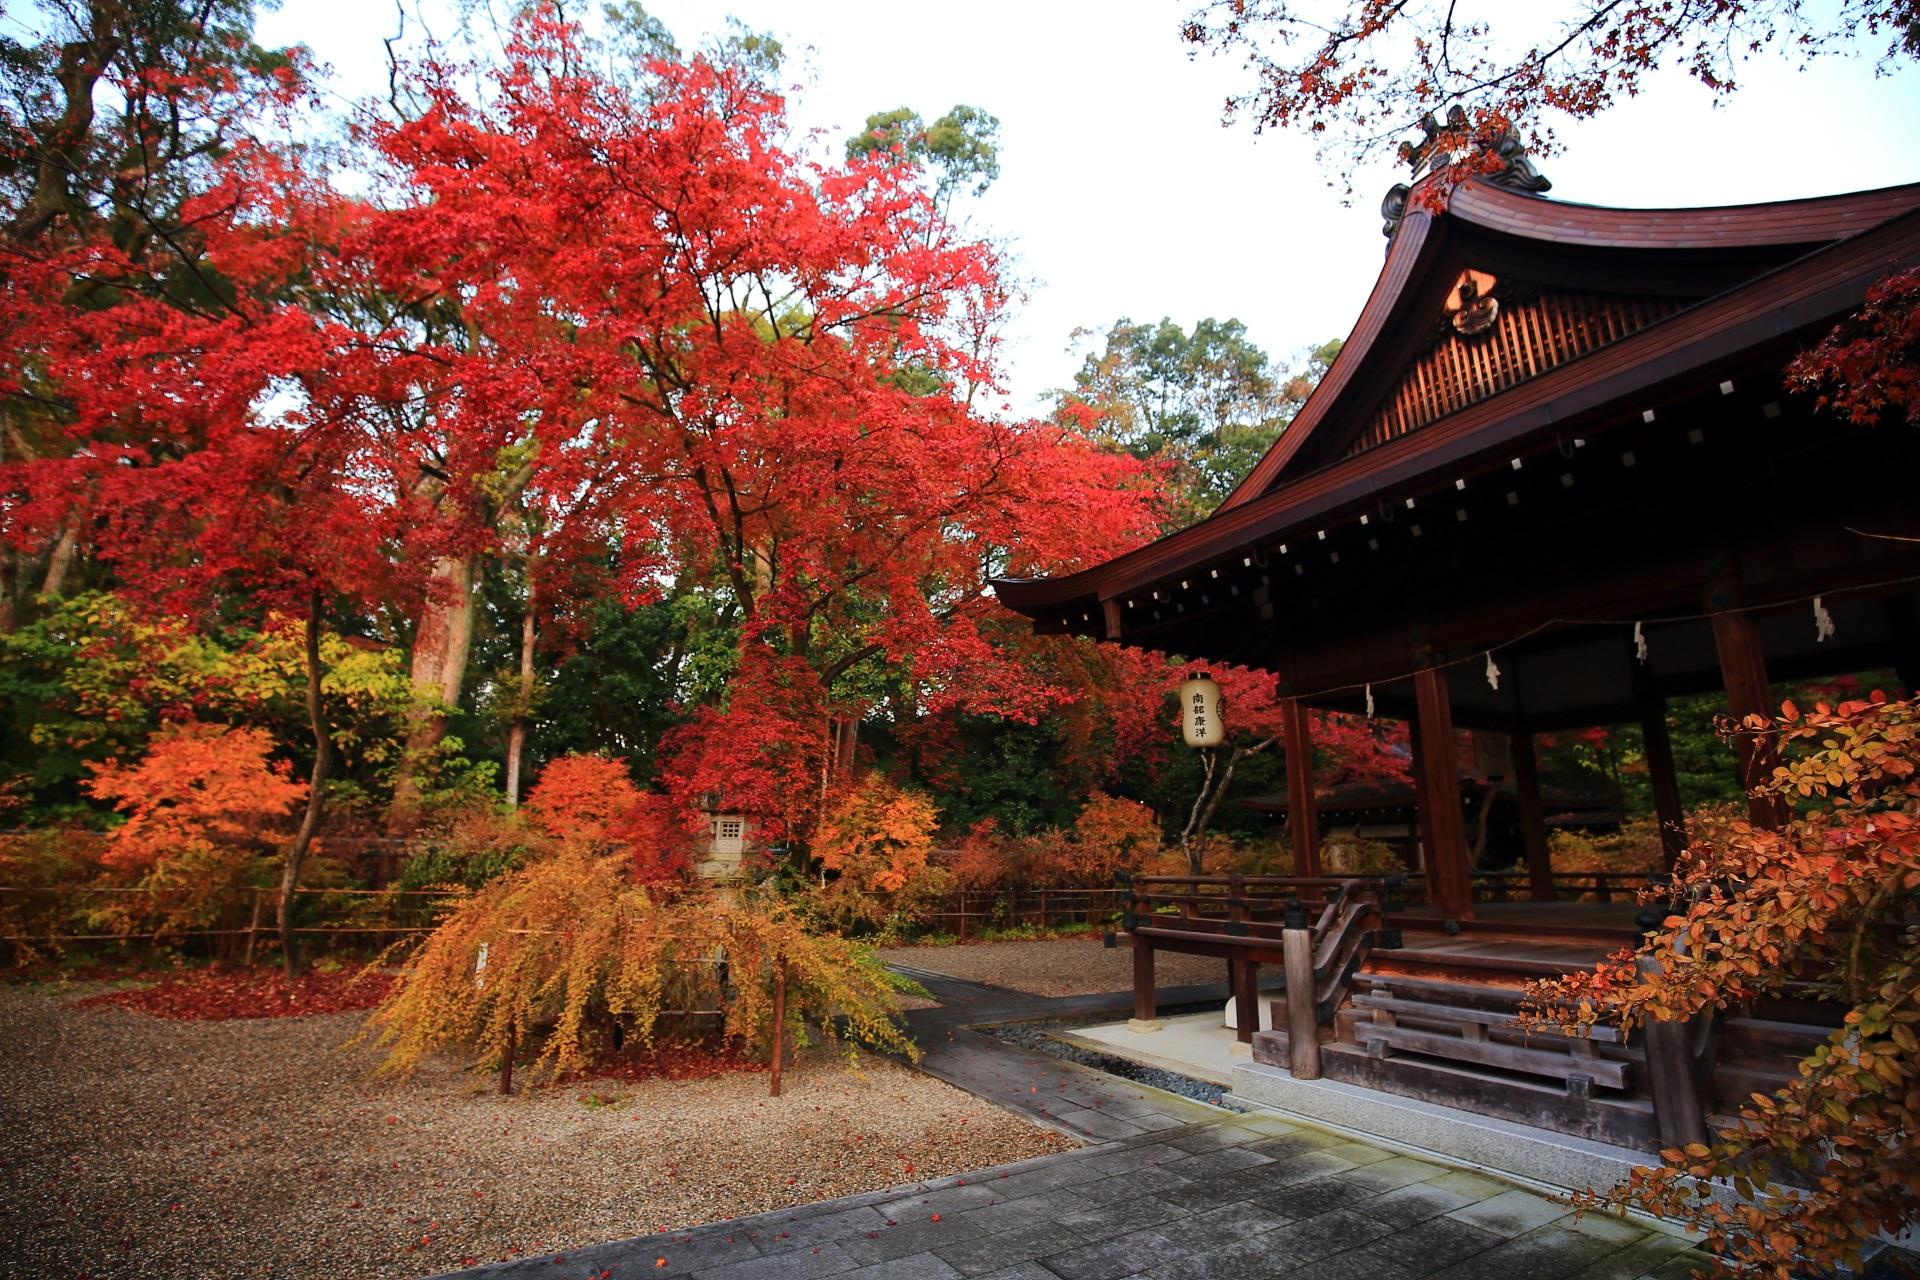 見事に色づいた紅葉と拝殿